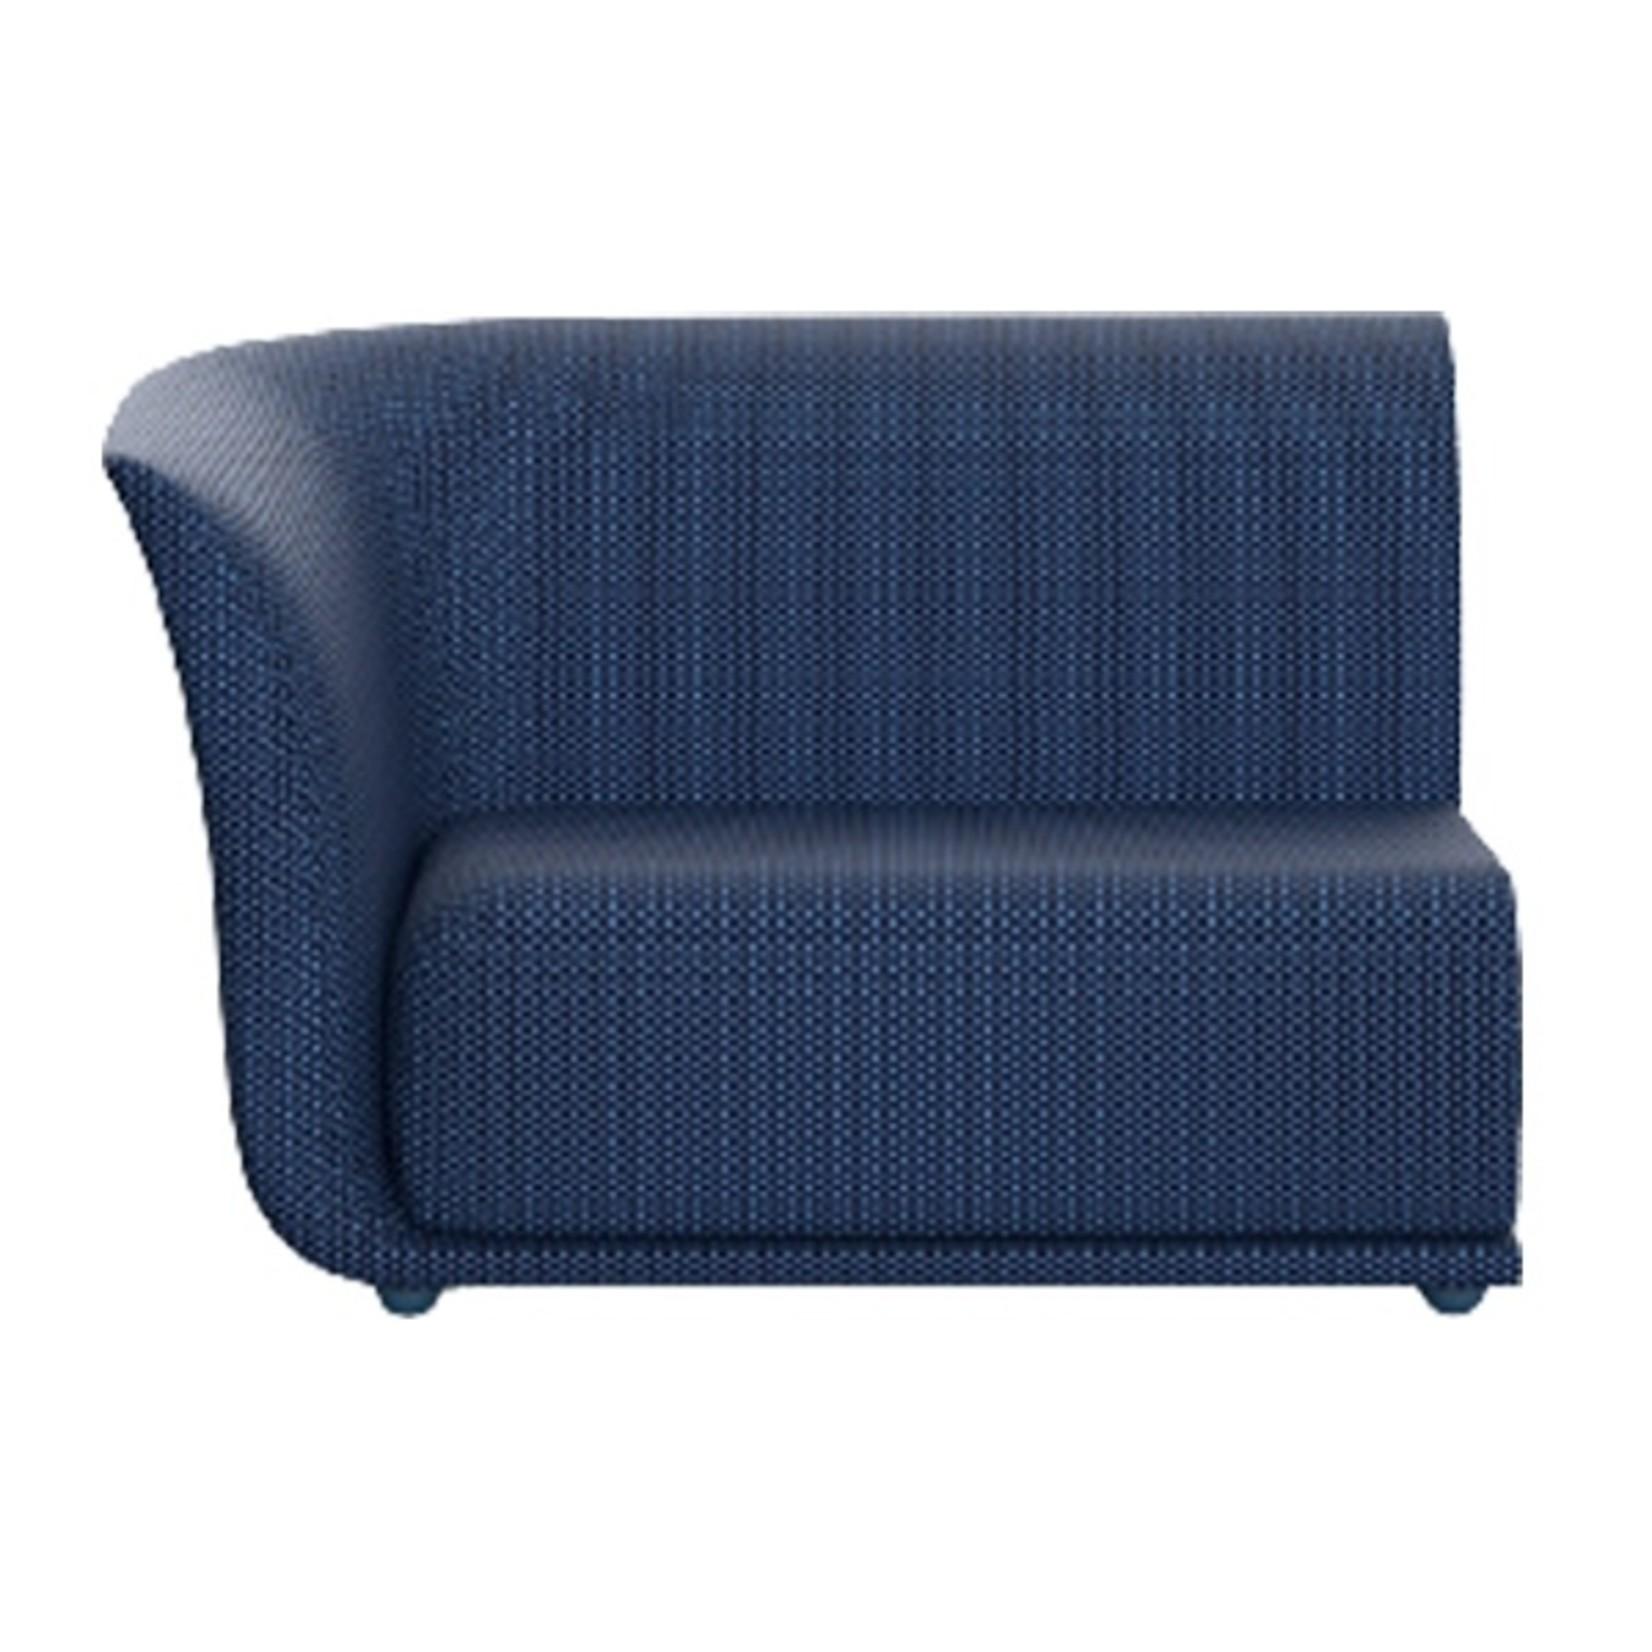 Vondom Suave Sofa right section